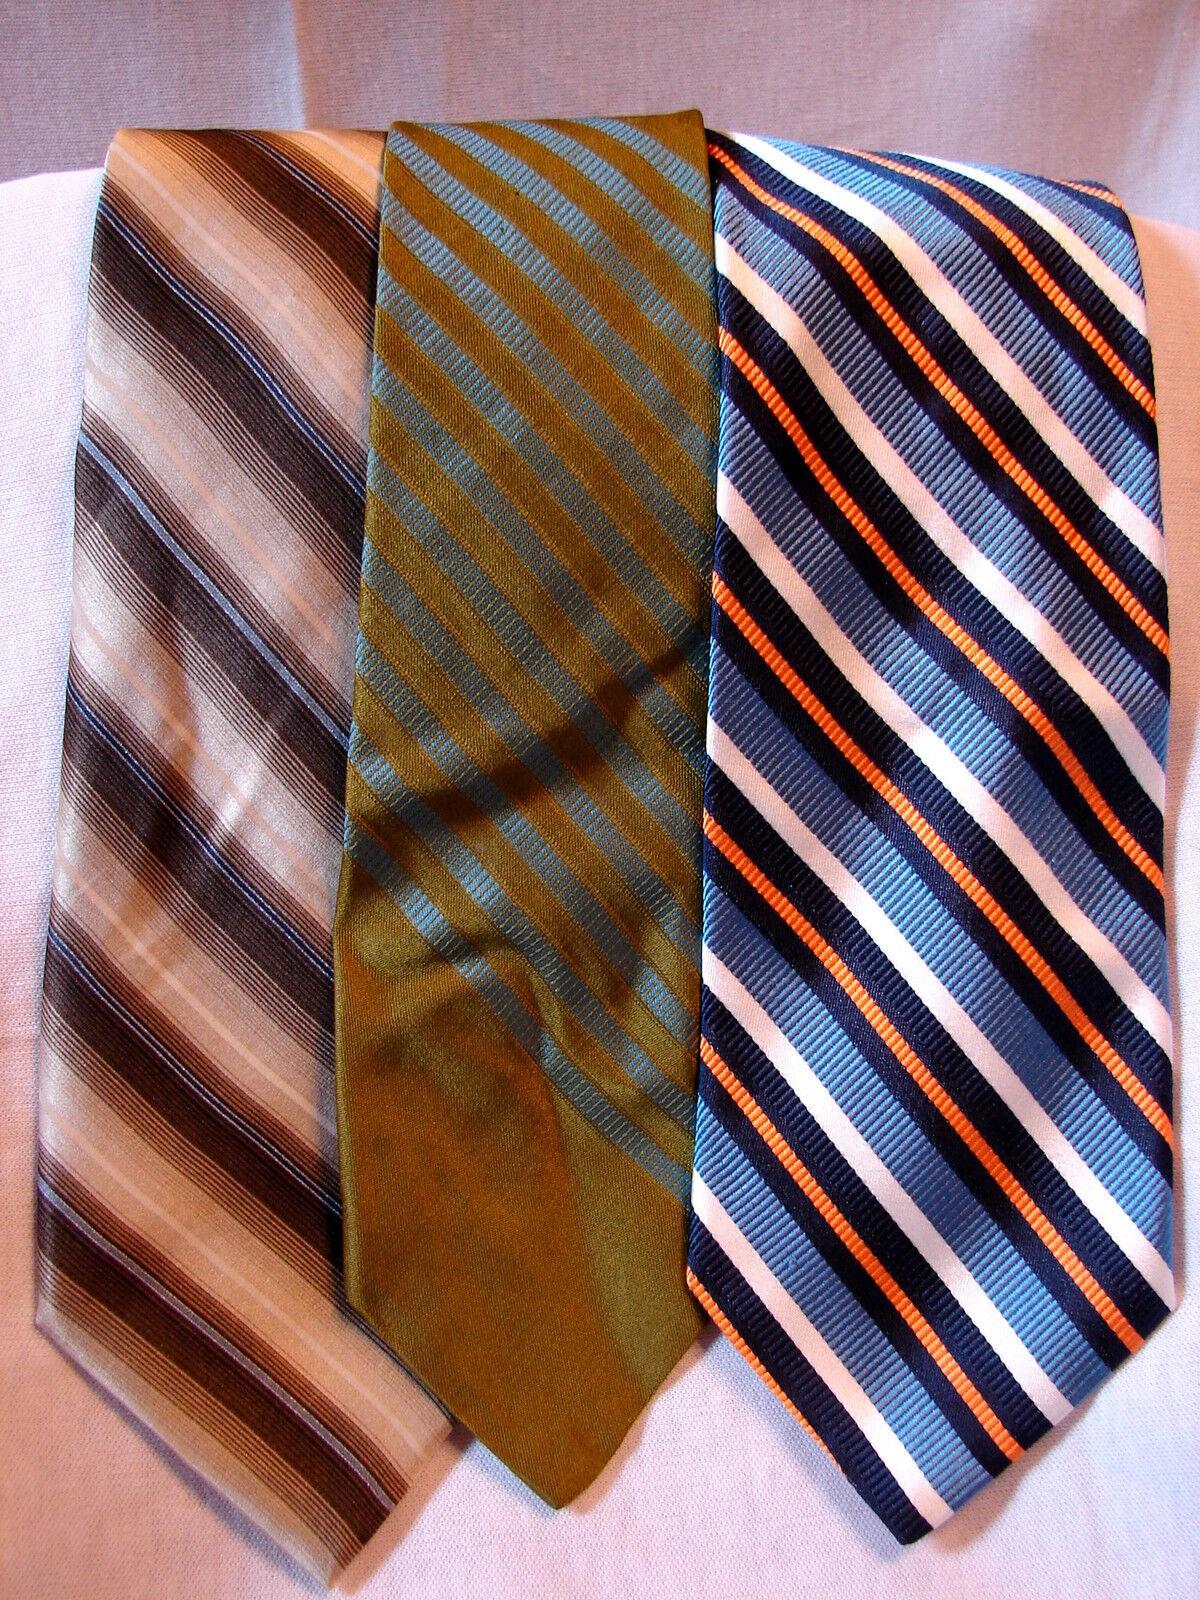 #82 Menge Von 3 Designer 100% Seide Krawatten Alle Schräg Streifen